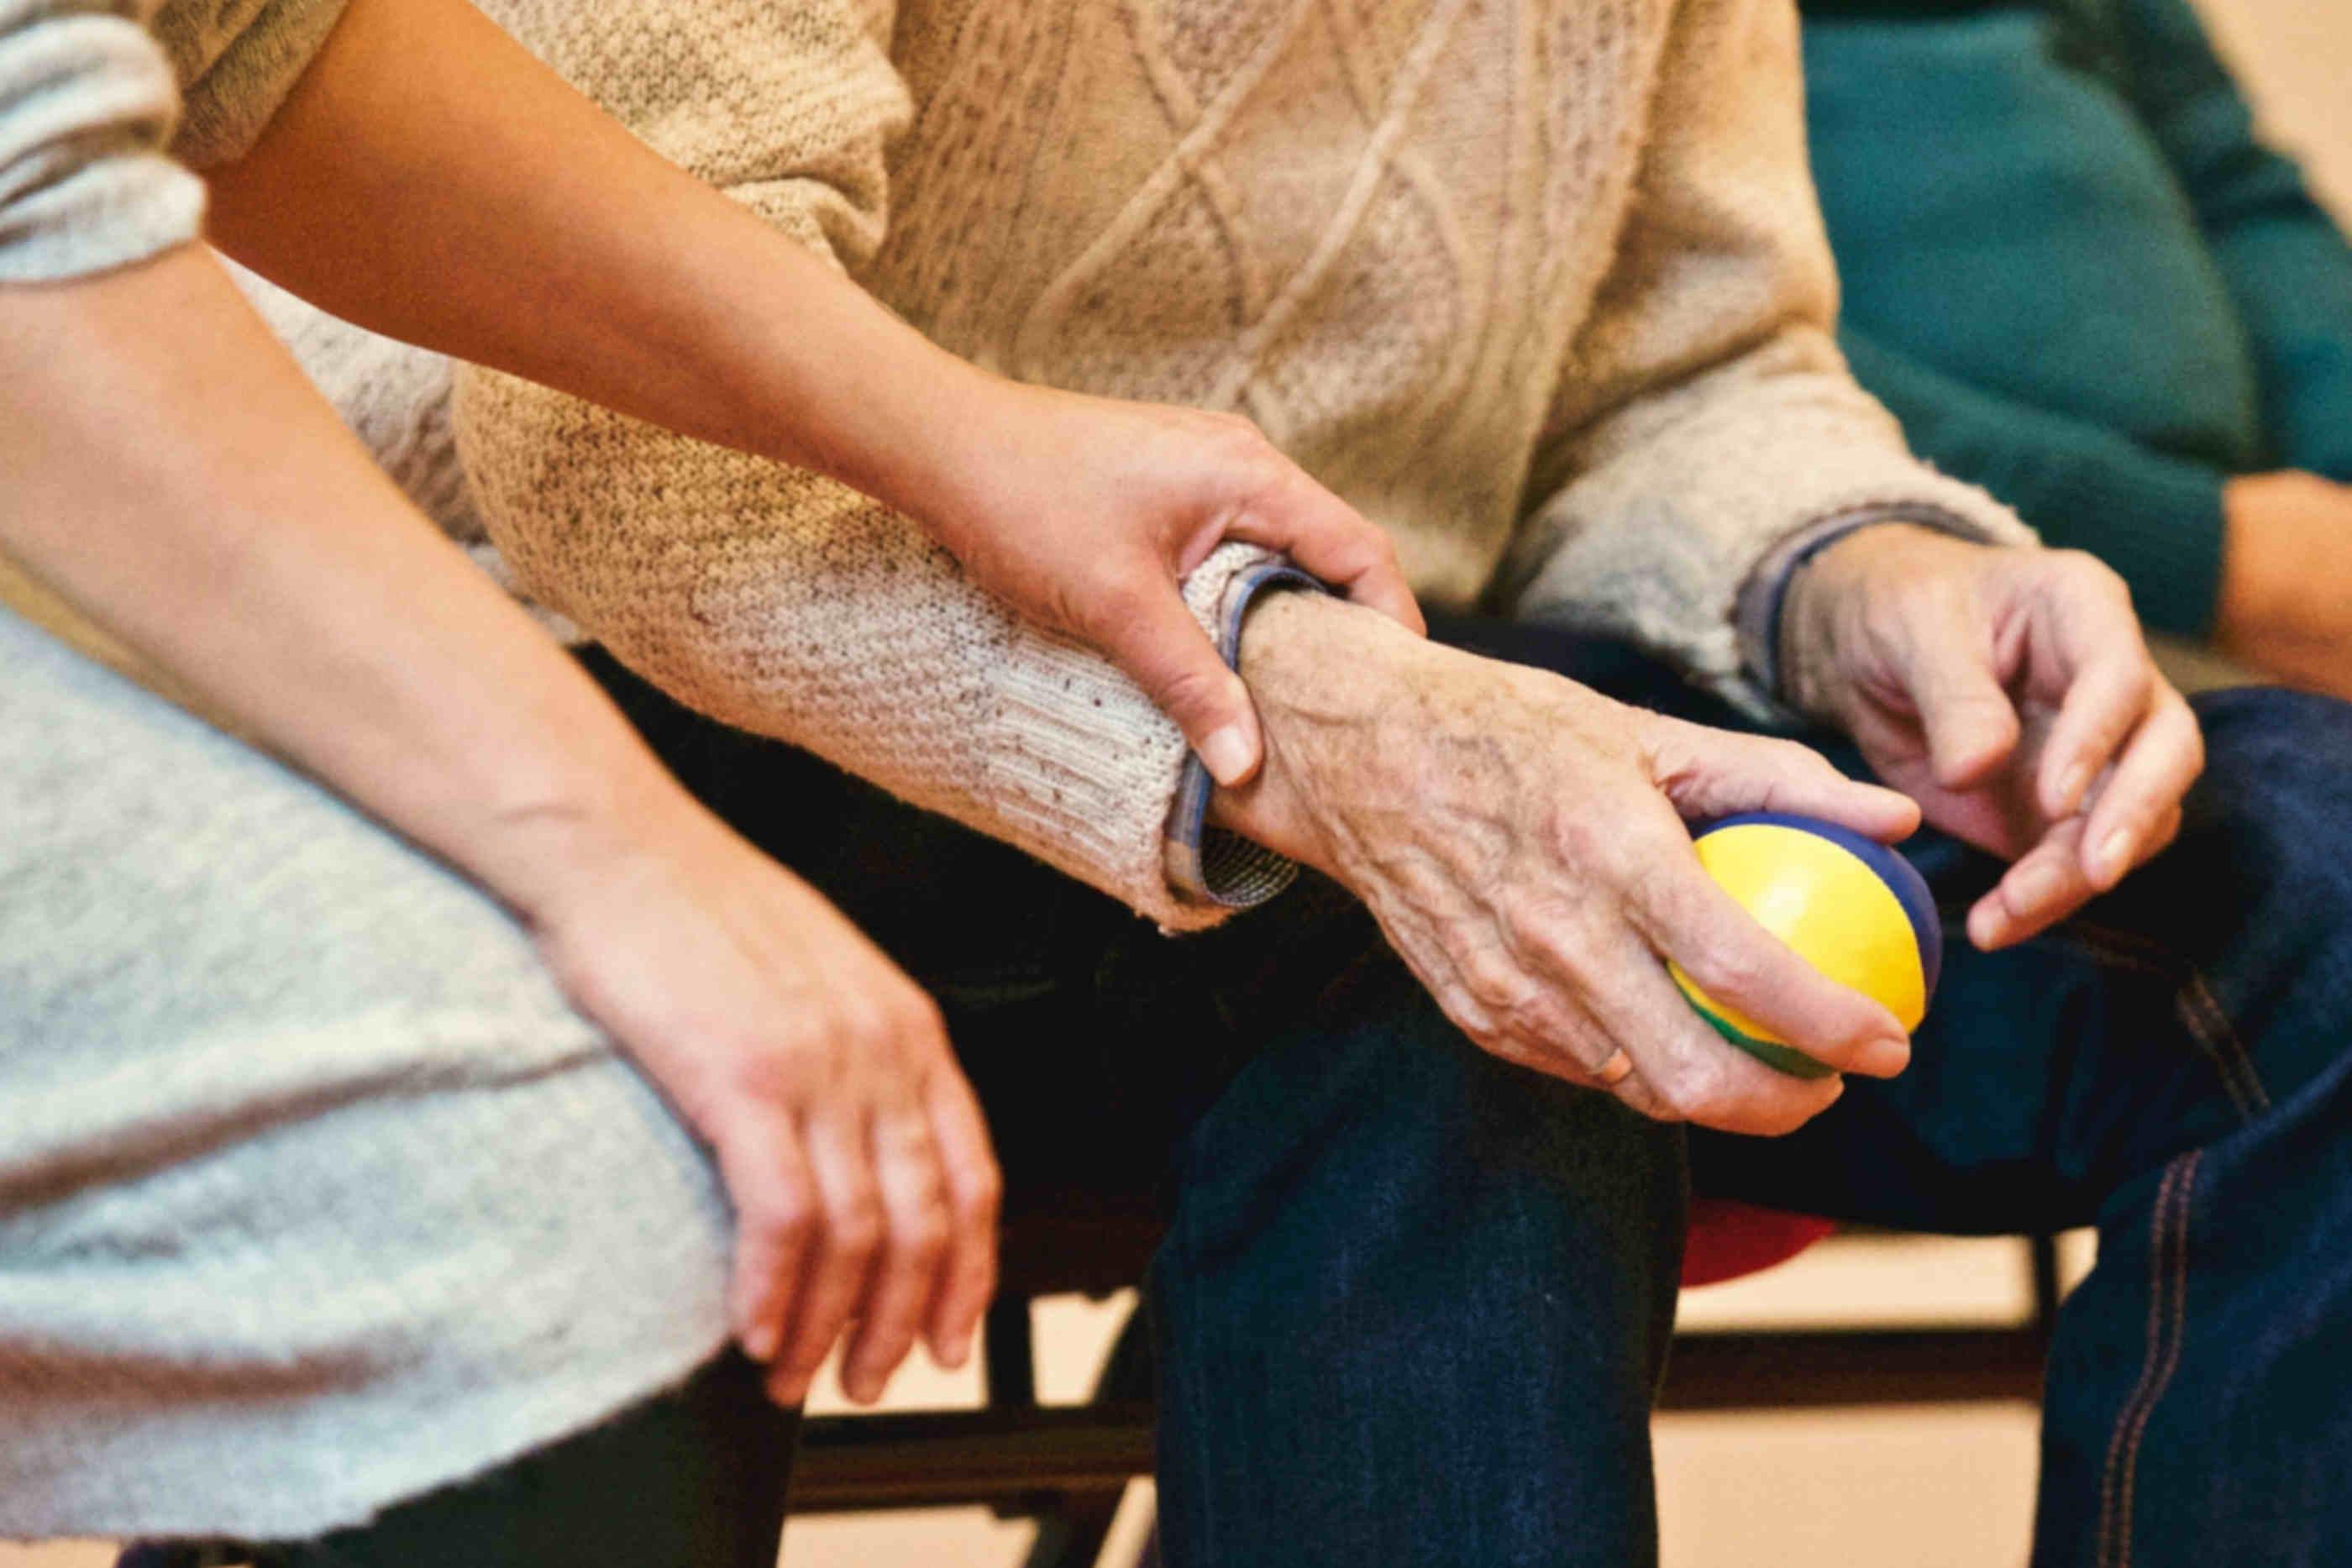 Senhora e idoso sentados lado a lado. Senhora mede a pulsação do idoso enquanto este último agarra uma bola anti-stress para as mãos.